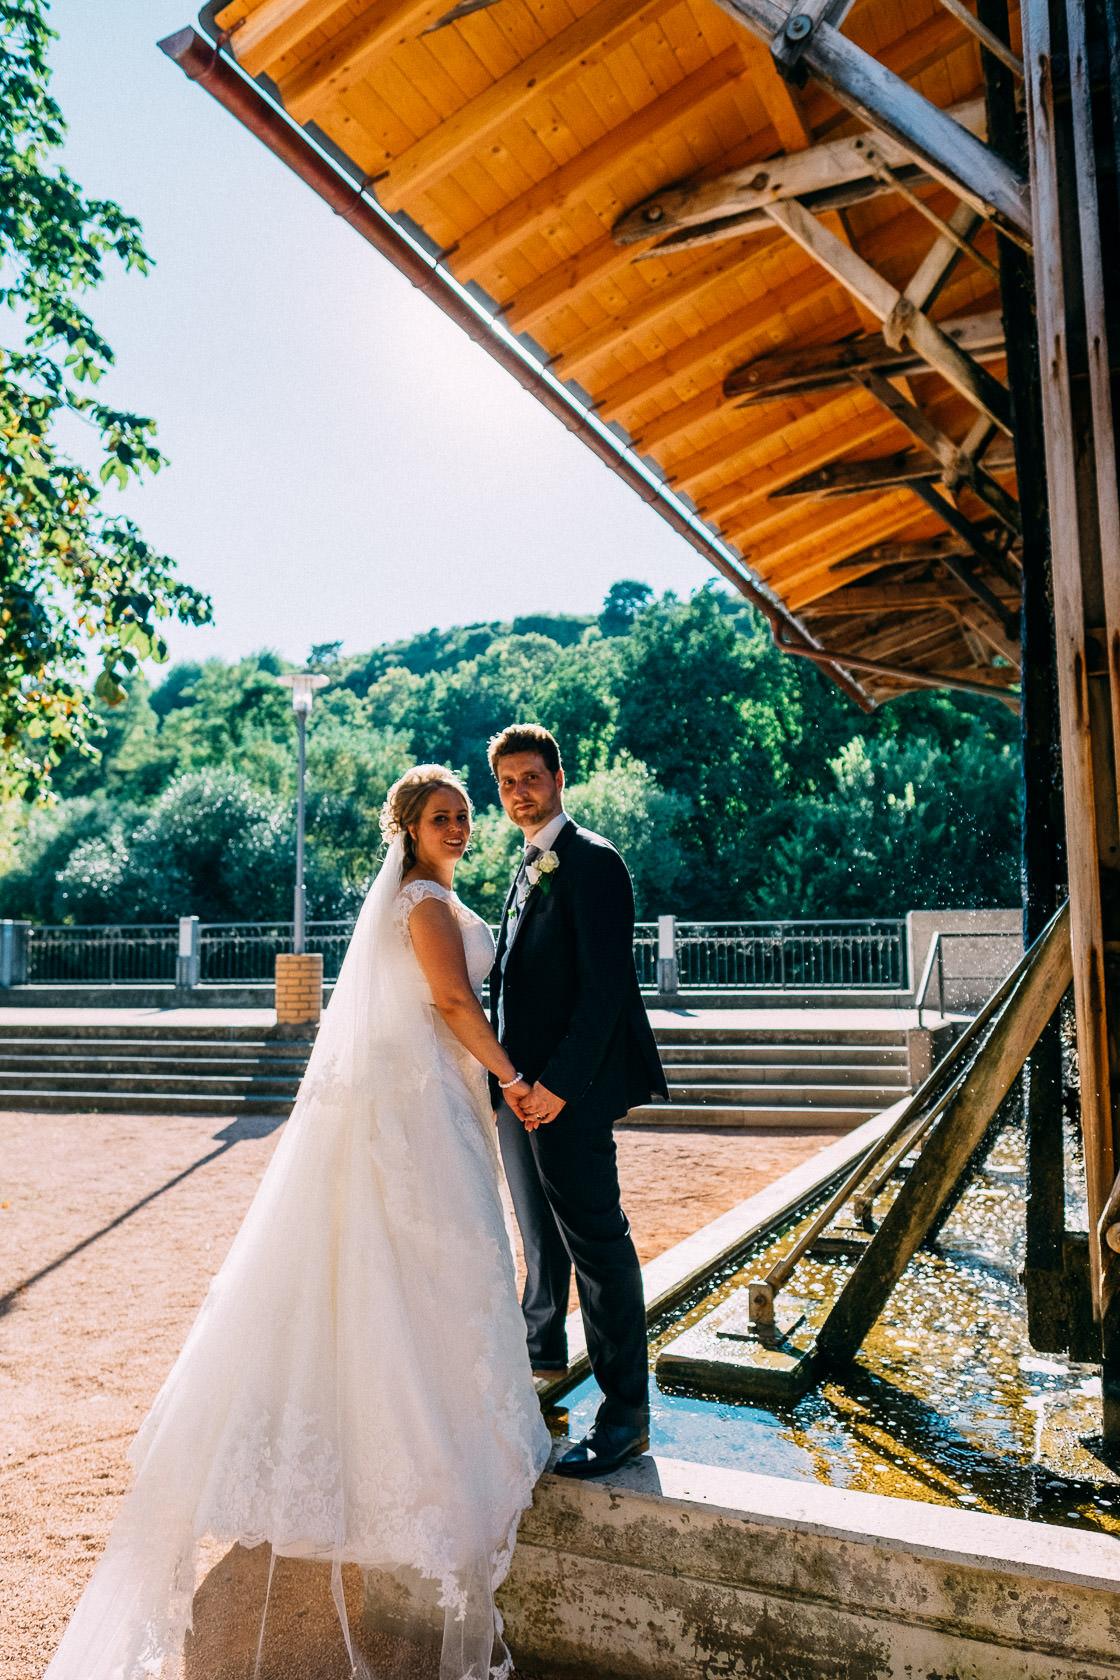 Blauweiße Hochzeit in Bad Kreuznach Paarfotos im Kurpark Salinen Salinetal Hochzeitsfotos Brautfotos